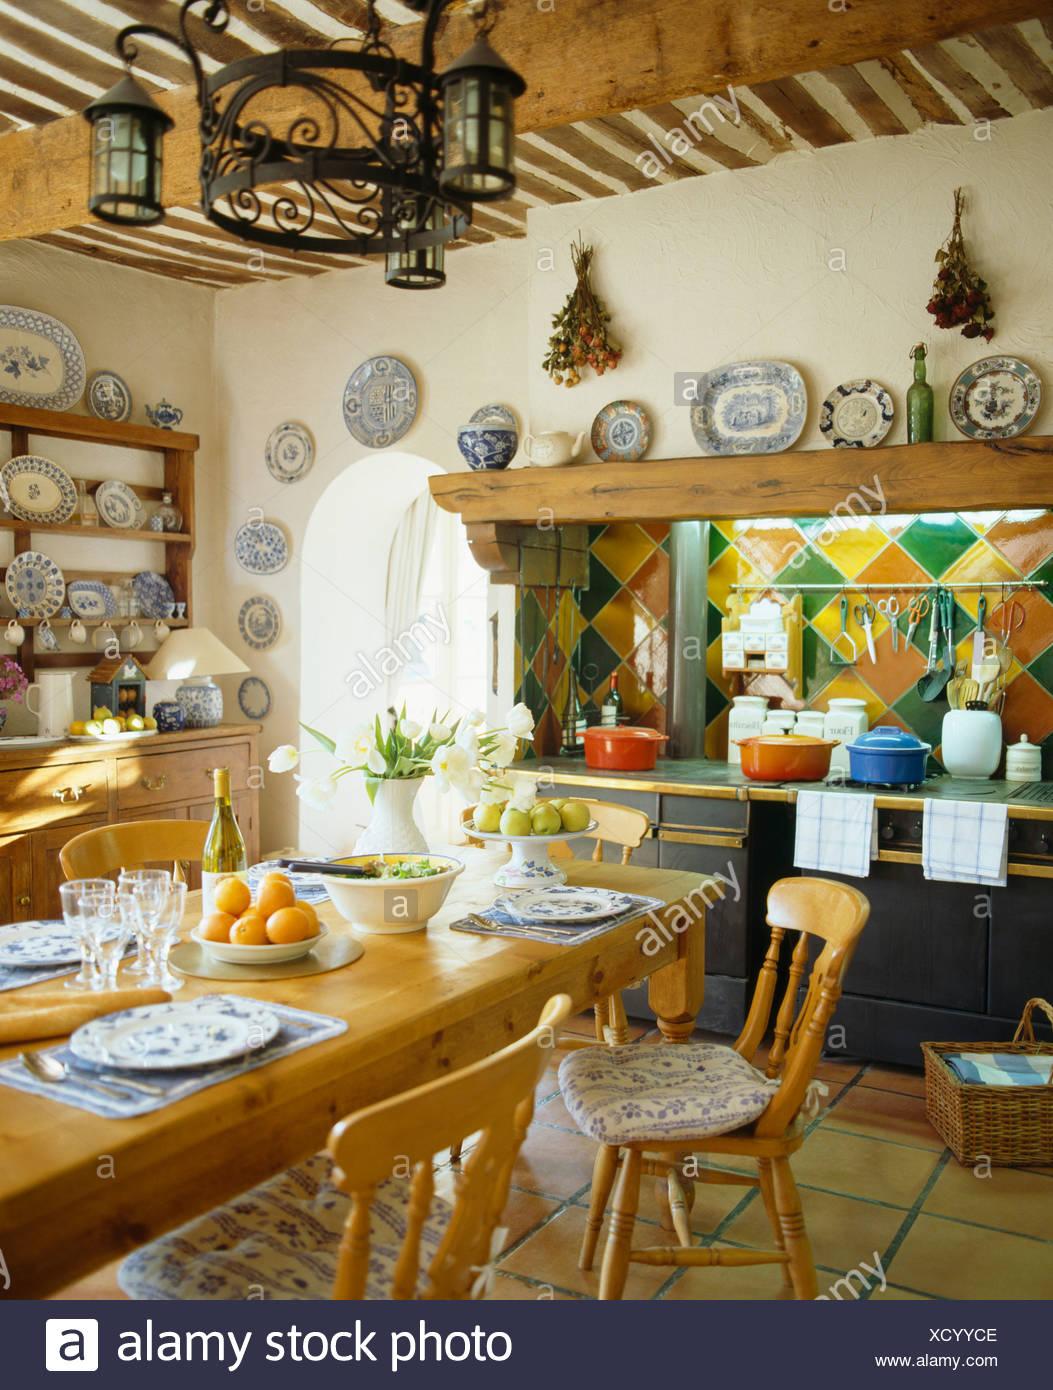 Berühmt Französisch Landküche Wandfliesen Zeitgenössisch - Ideen Für ...